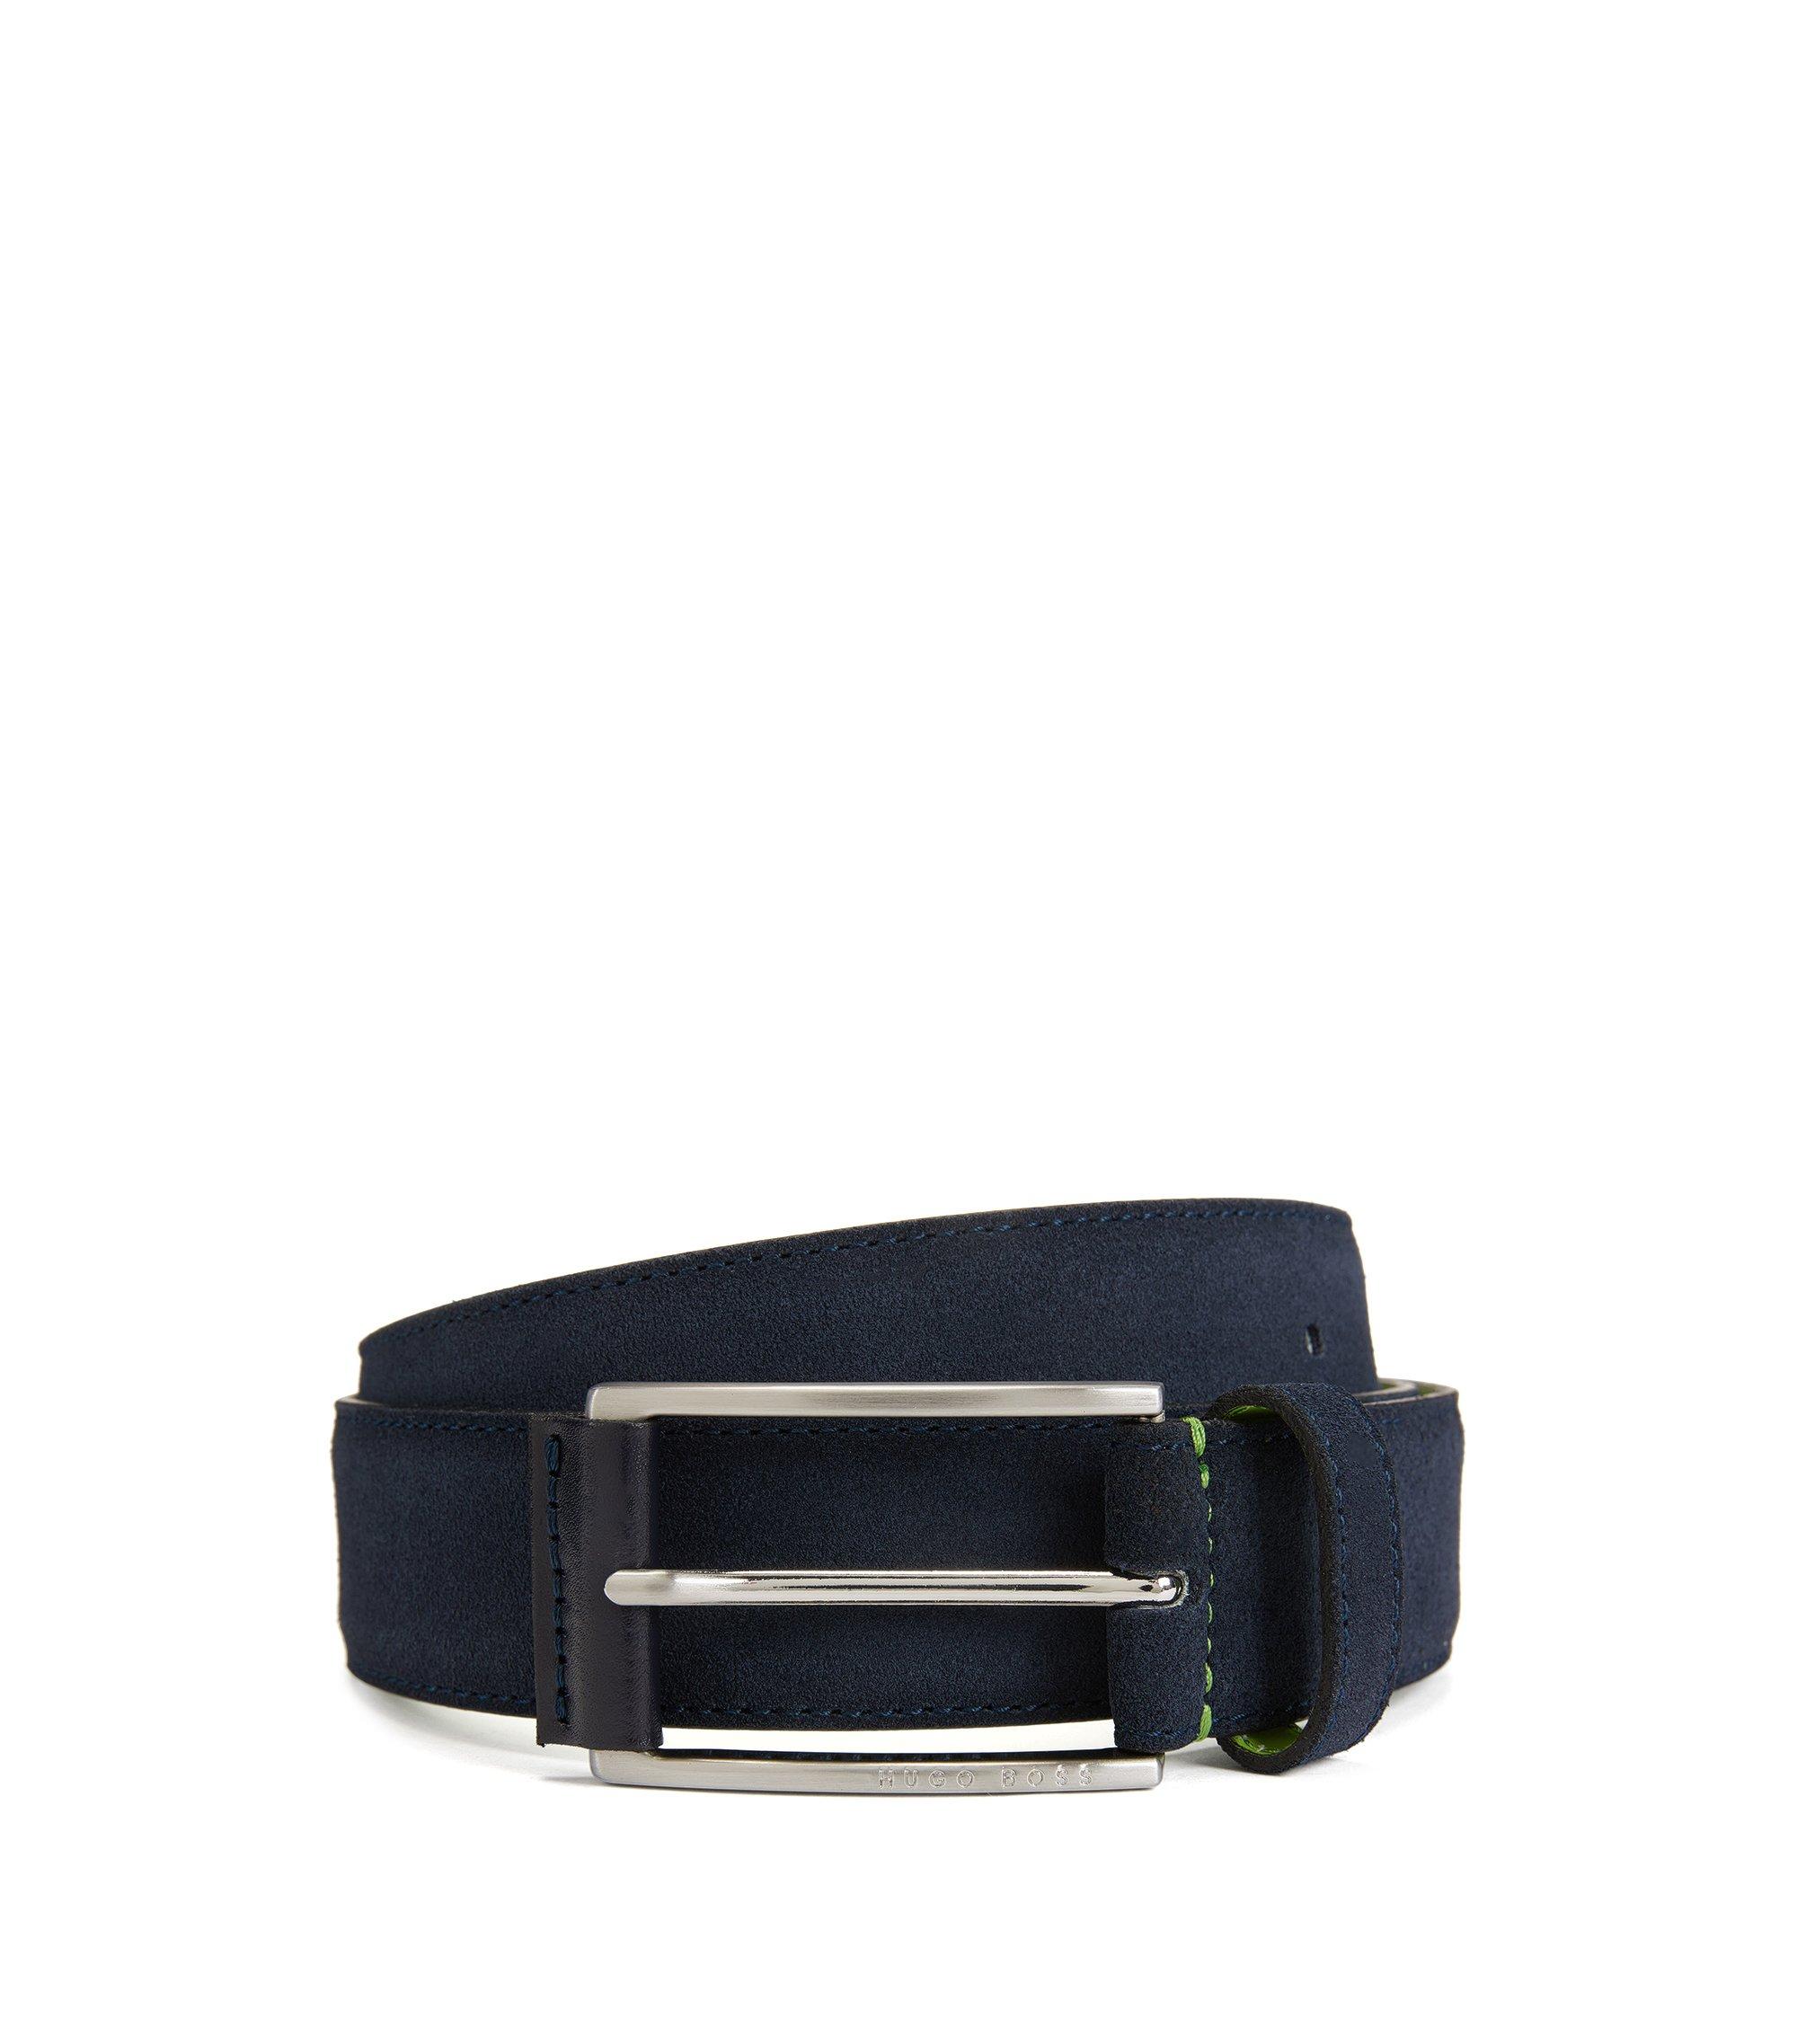 Cintura in pelle scamosciata con fibbia con dettaglio in pelle, Blu scuro